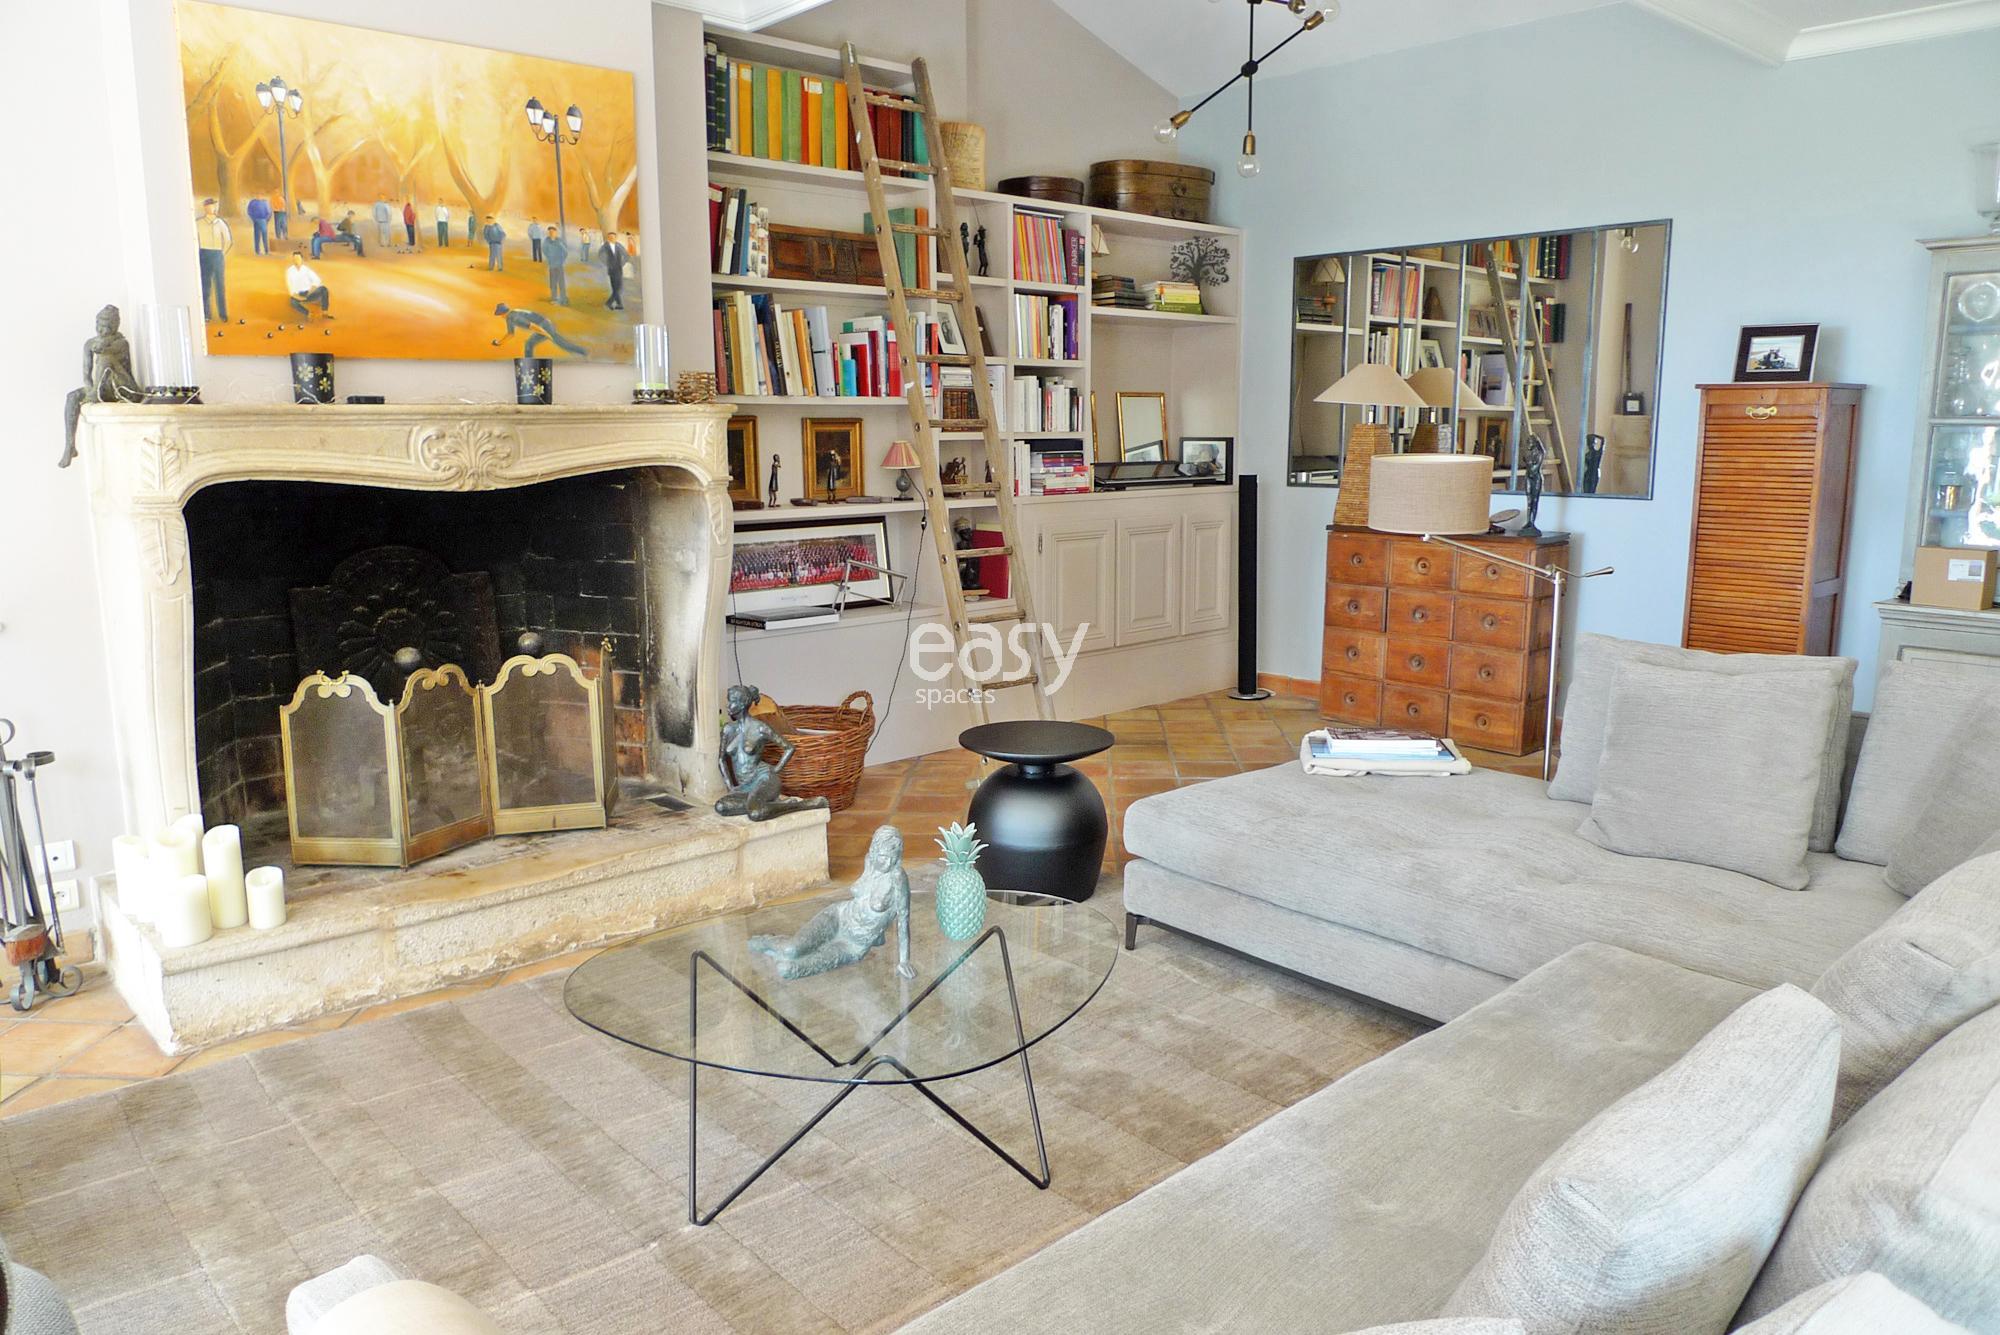 loue sa maison louer sa maison comment choisir sa maison en location bordeaux bon plan louer. Black Bedroom Furniture Sets. Home Design Ideas